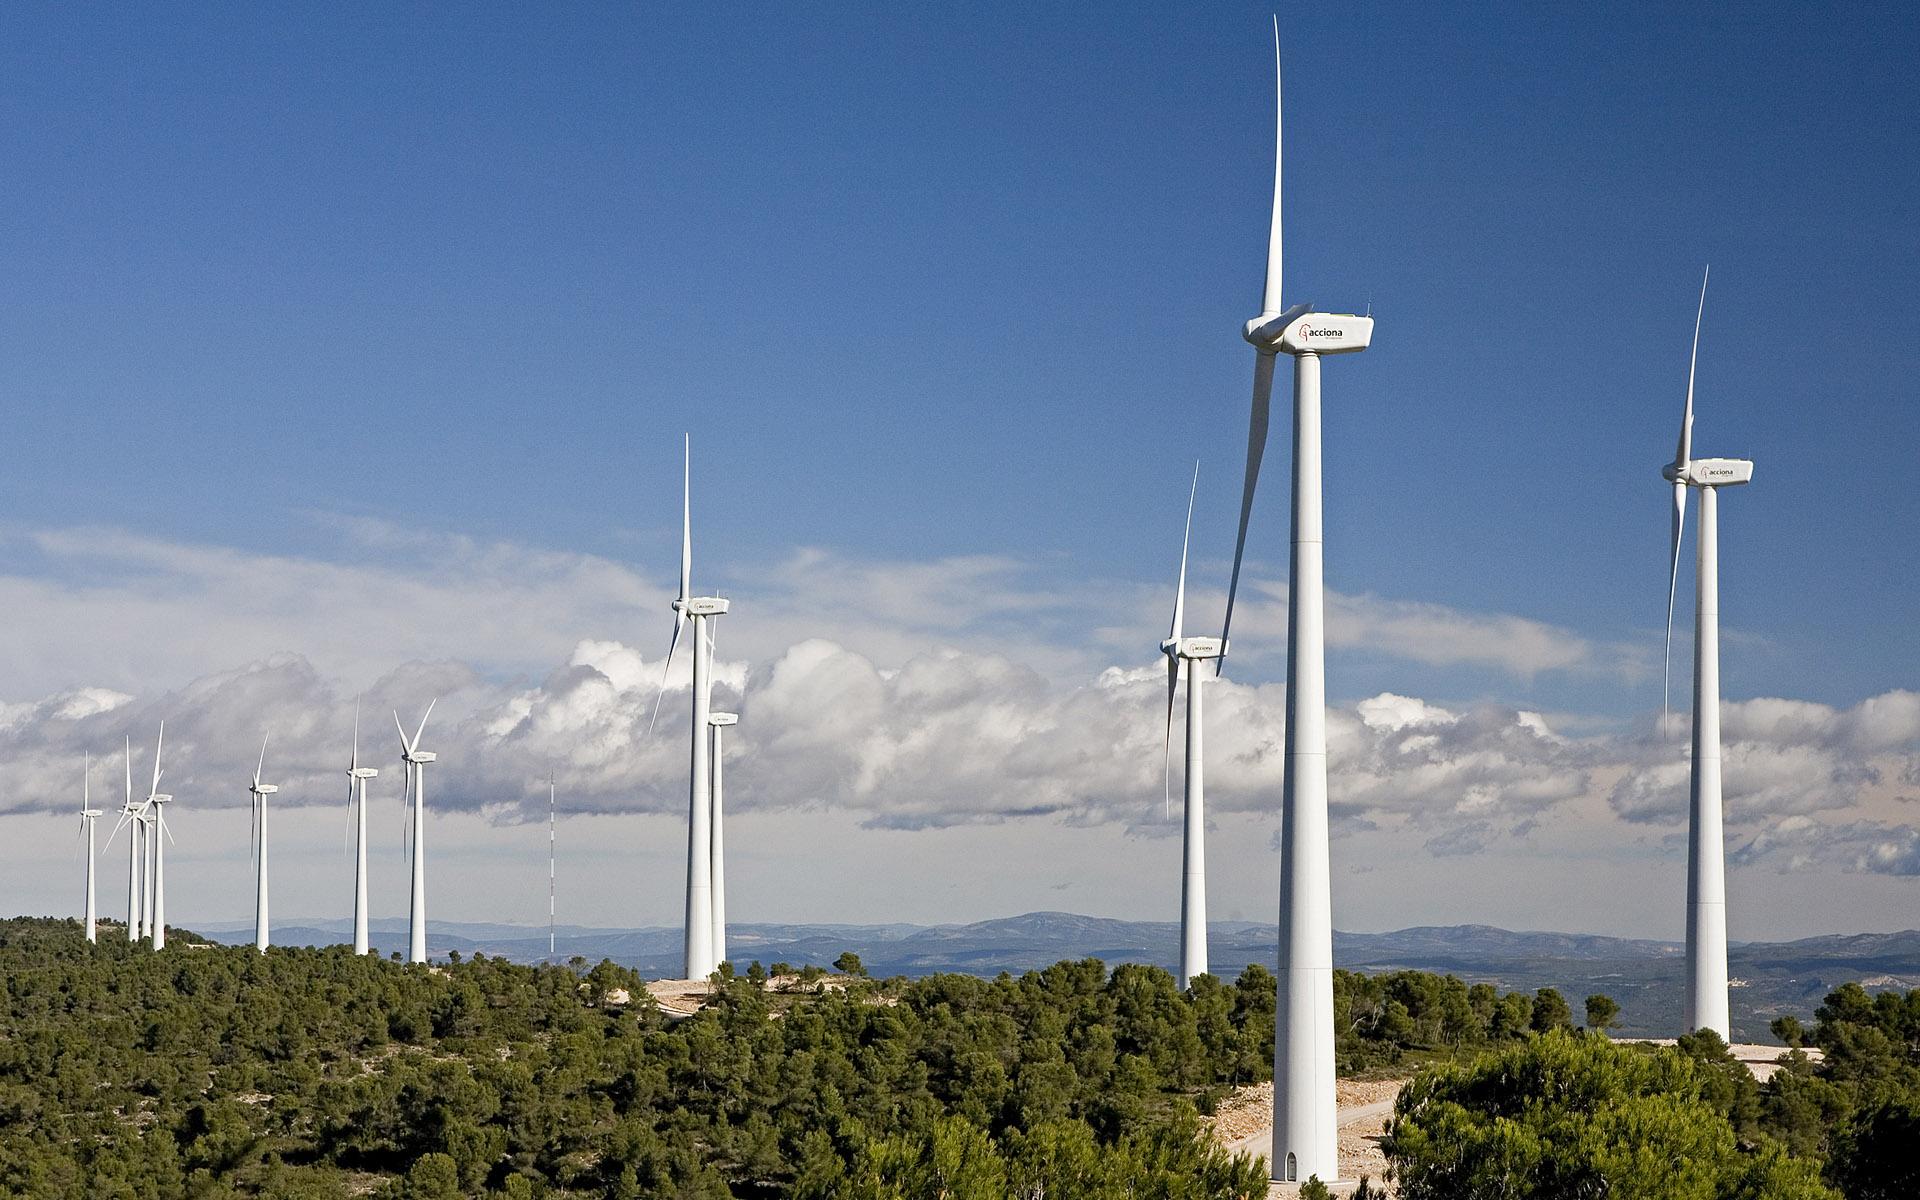 国电投黄河45万千瓦风电储能项目获青海省海南州发改委核准